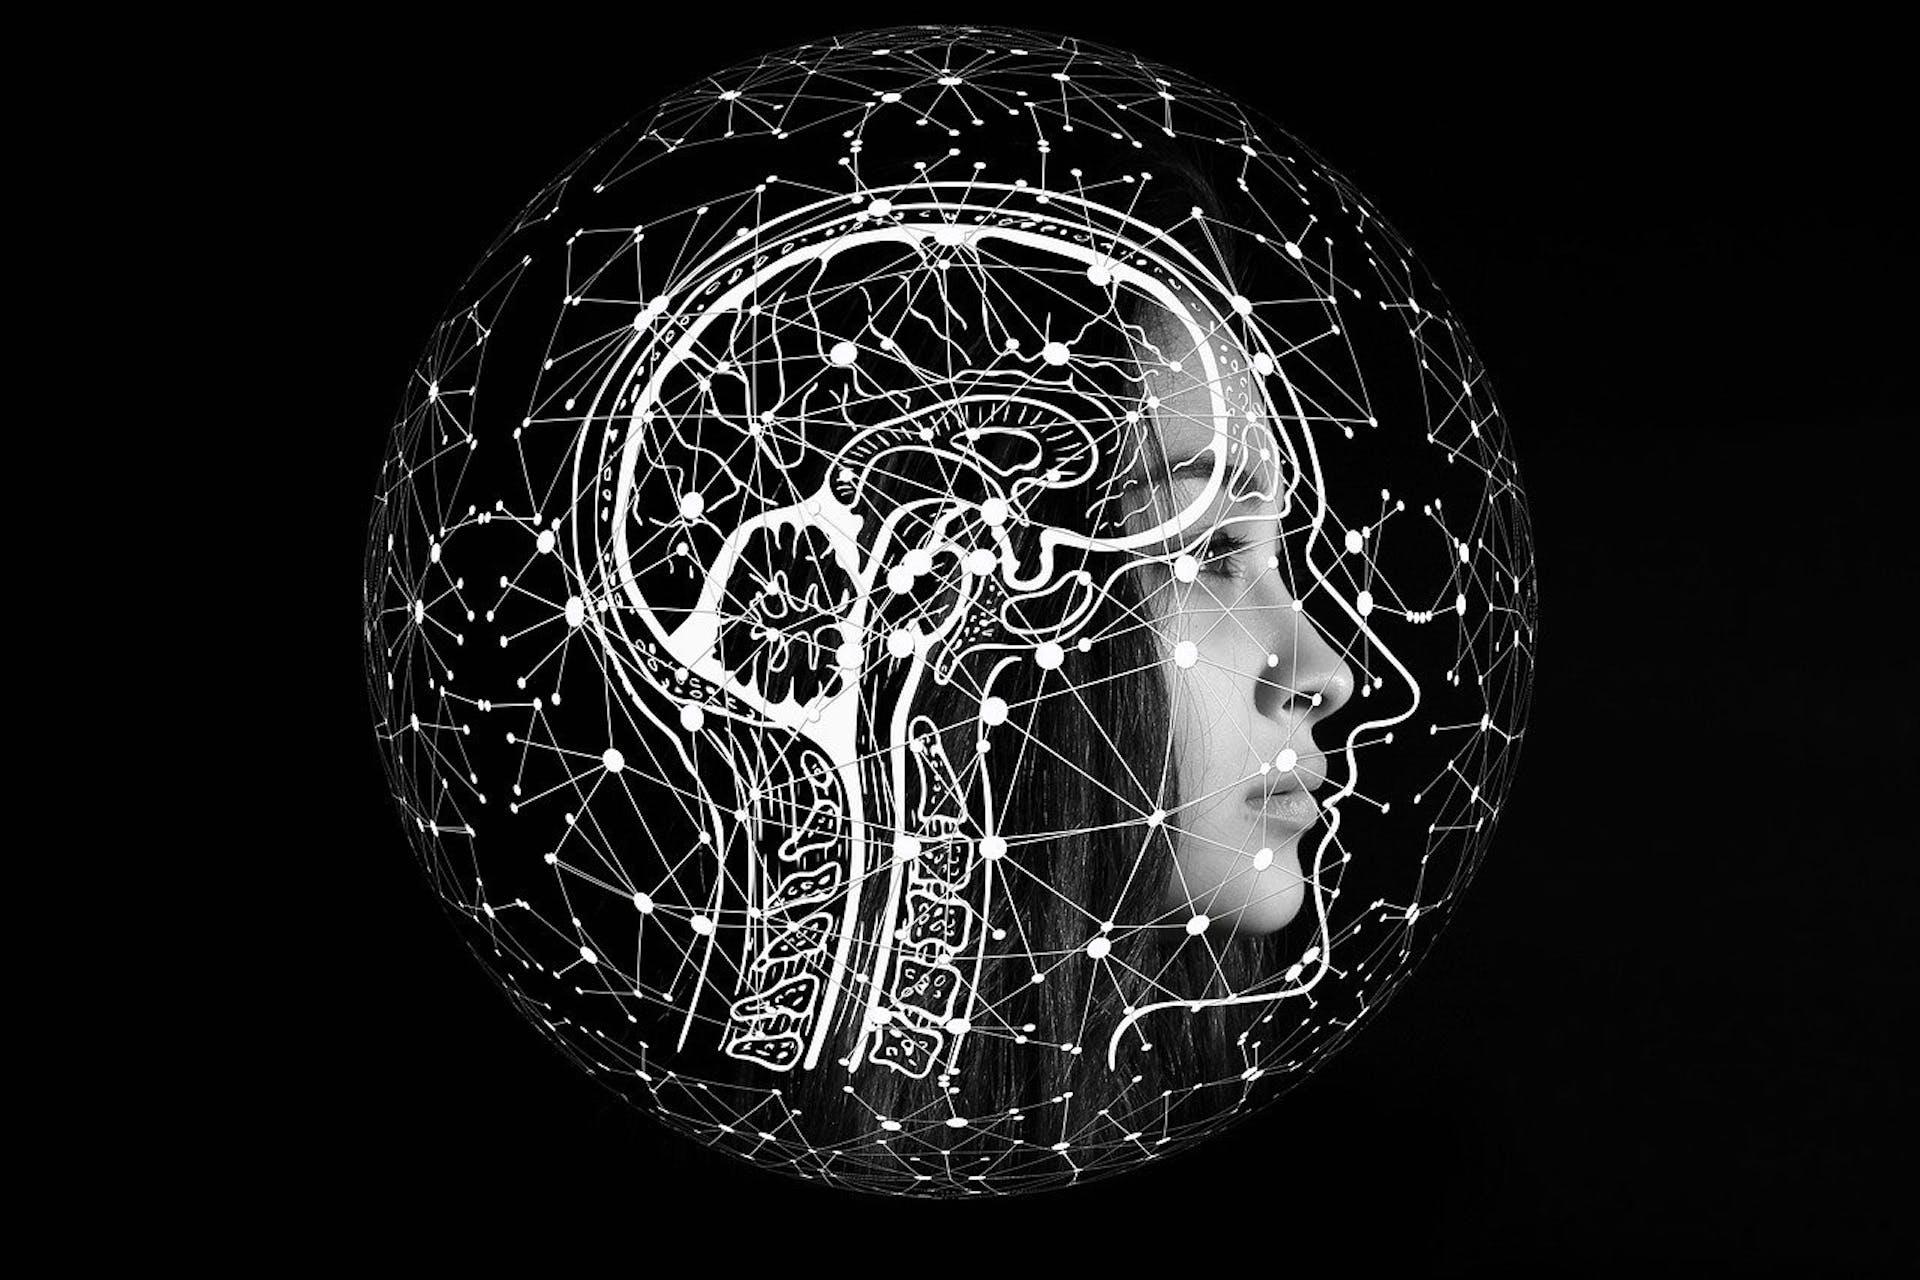 Inteligencia creativa: ¡cómo aprovechar tu poder para crear, conectar e inspirar!